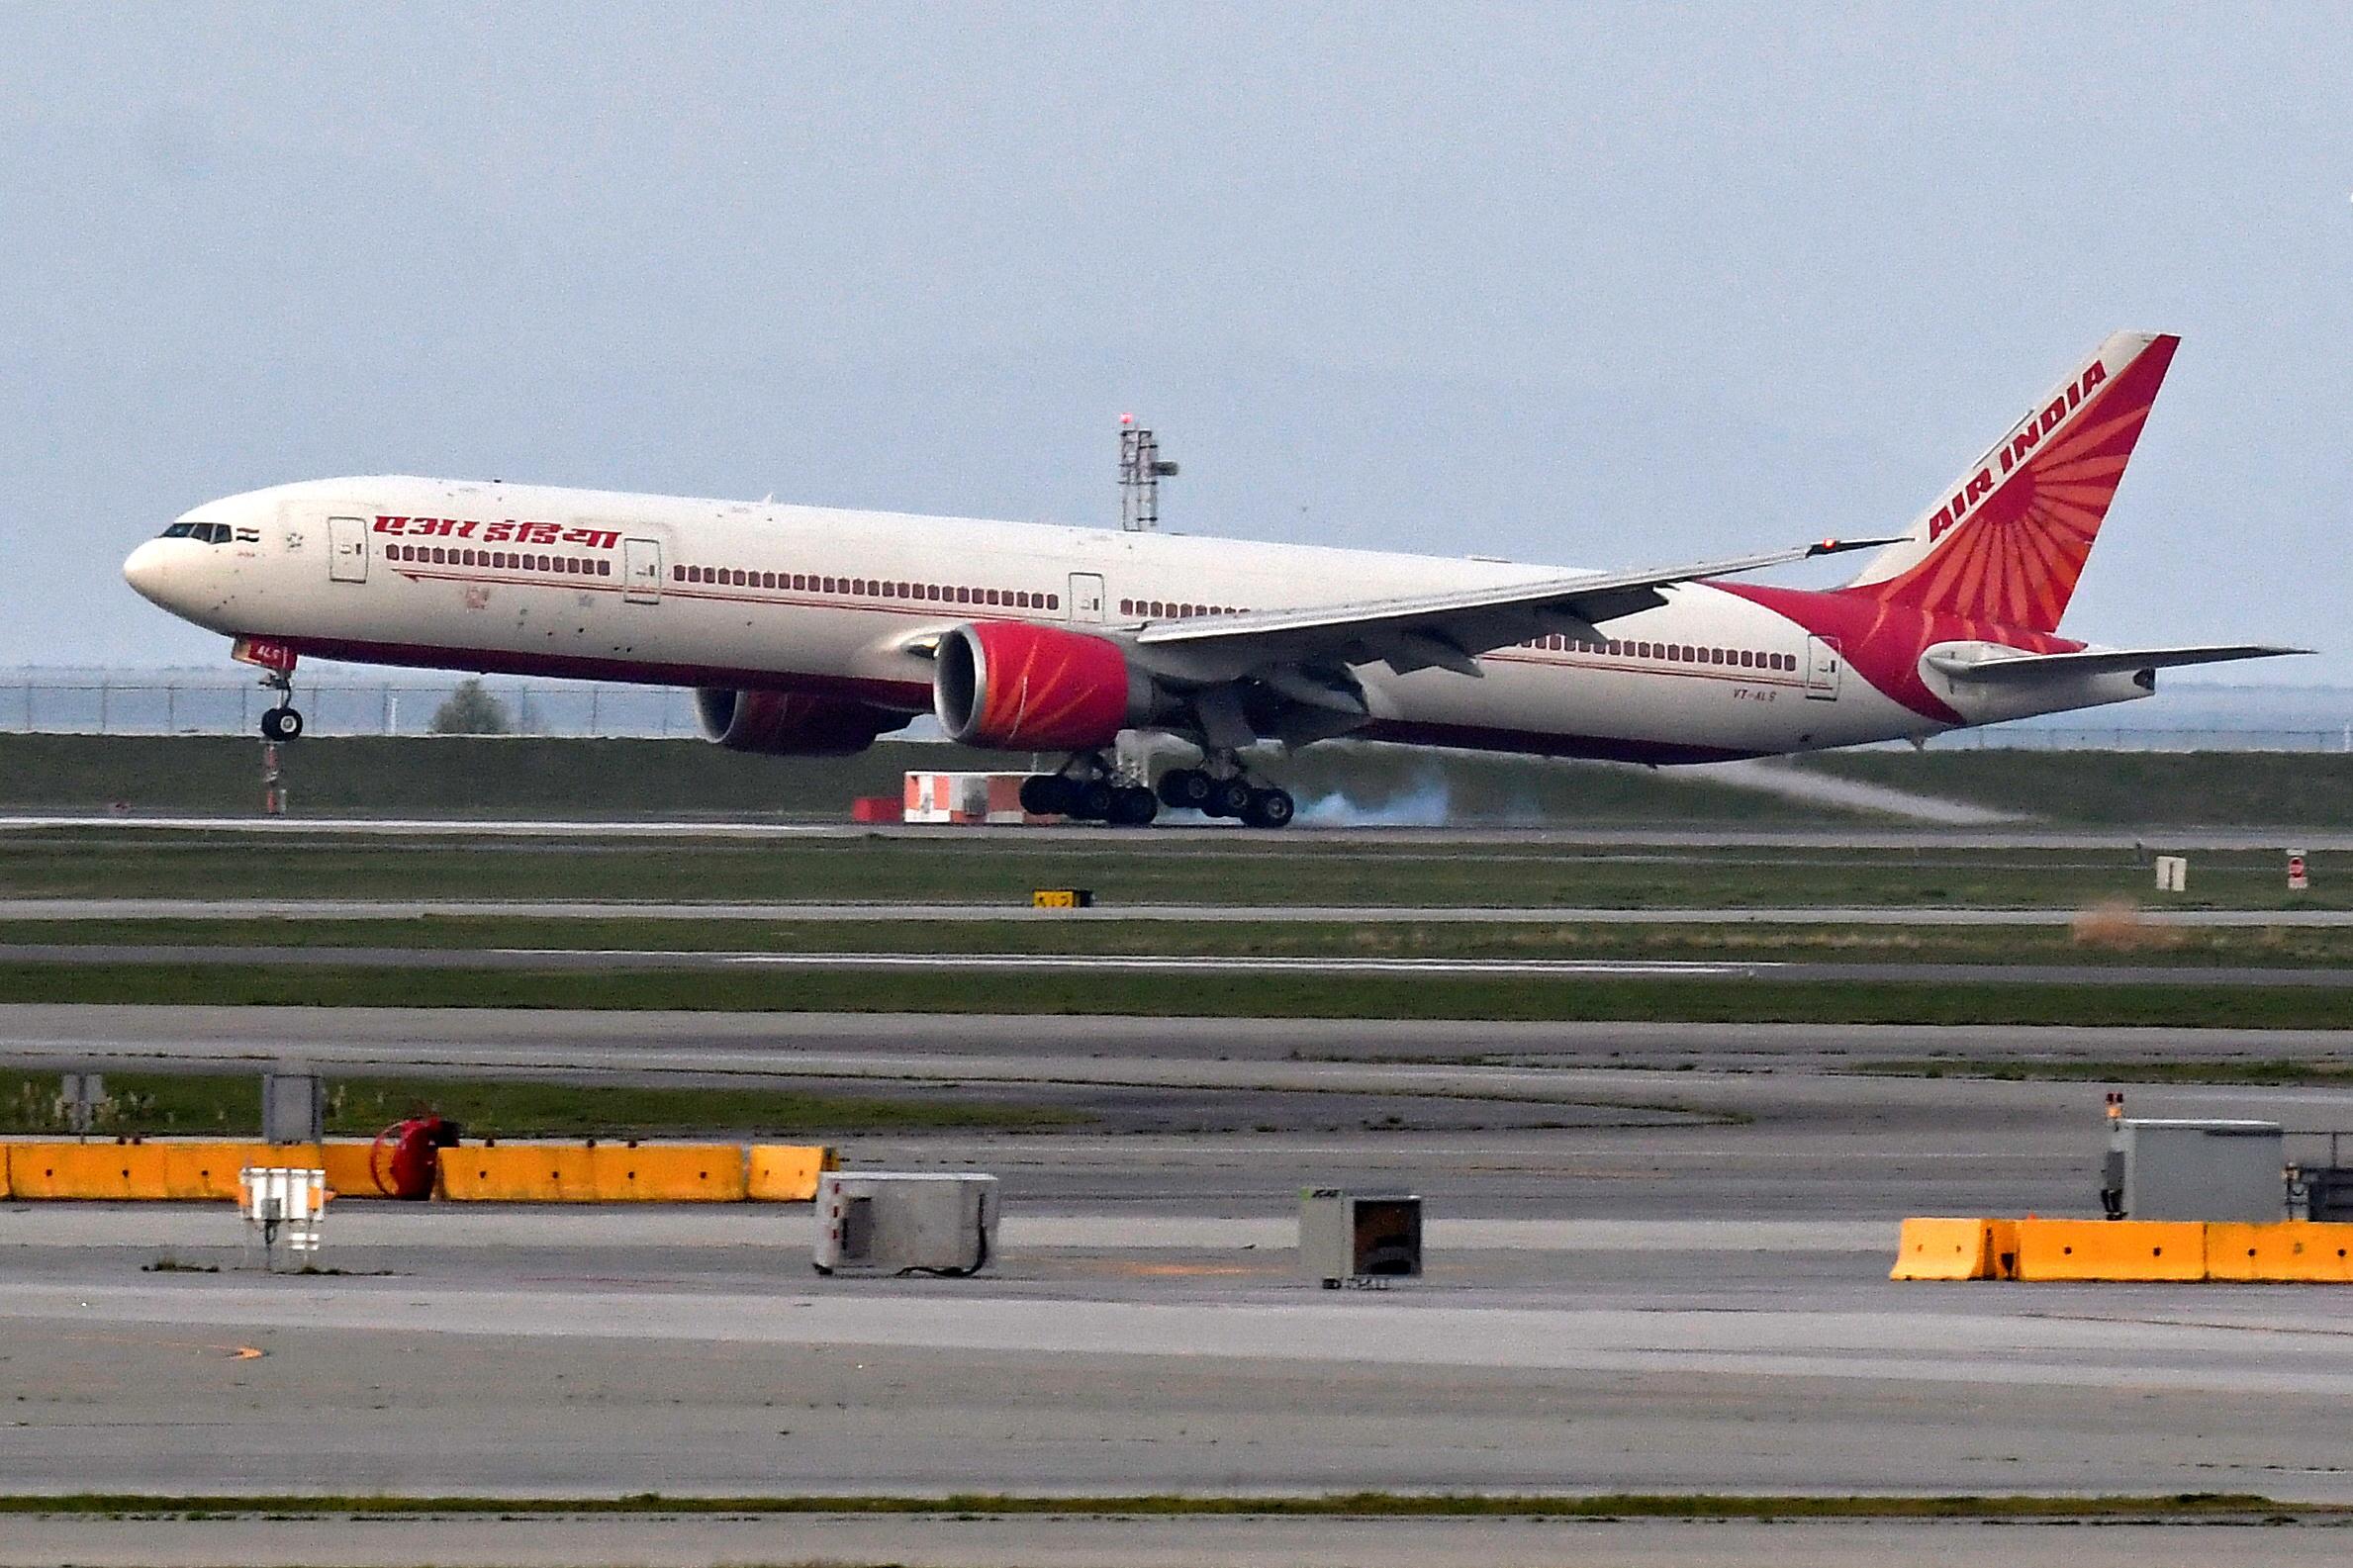 Κορονοϊός: Όπου φύγει φύγει από την Ινδία για να προλάβουν τις τελευταίες πτήσεις και το νέο κύμα